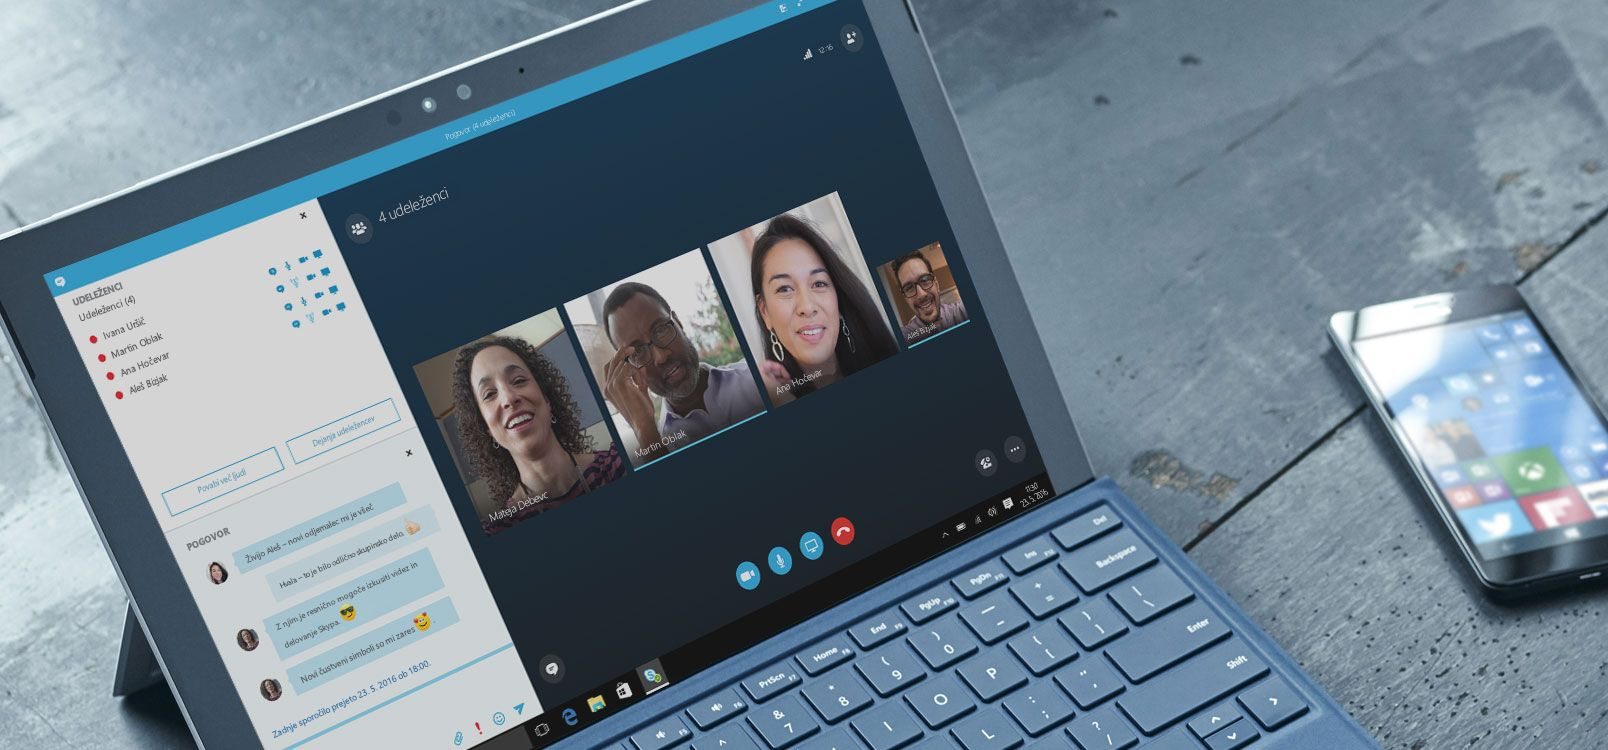 Ženska prek storitve Office 365 v tabličnem računalniku in pametnem telefonu sodeluje z drugimi pri urejanju dokumentov.